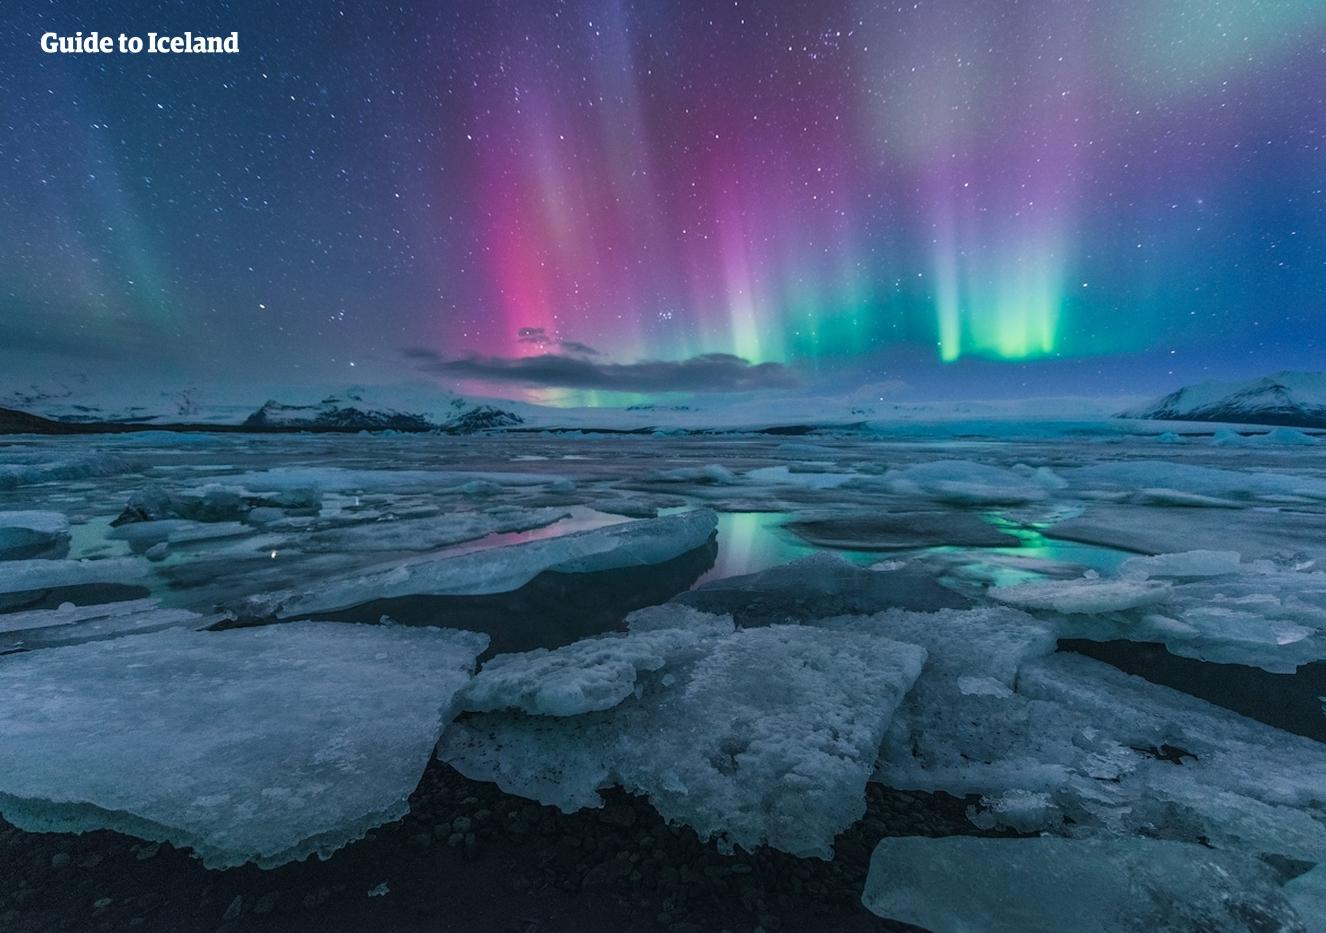 神奇的北极光在冰岛南岸的杰古沙龙冰河湖上空舞动